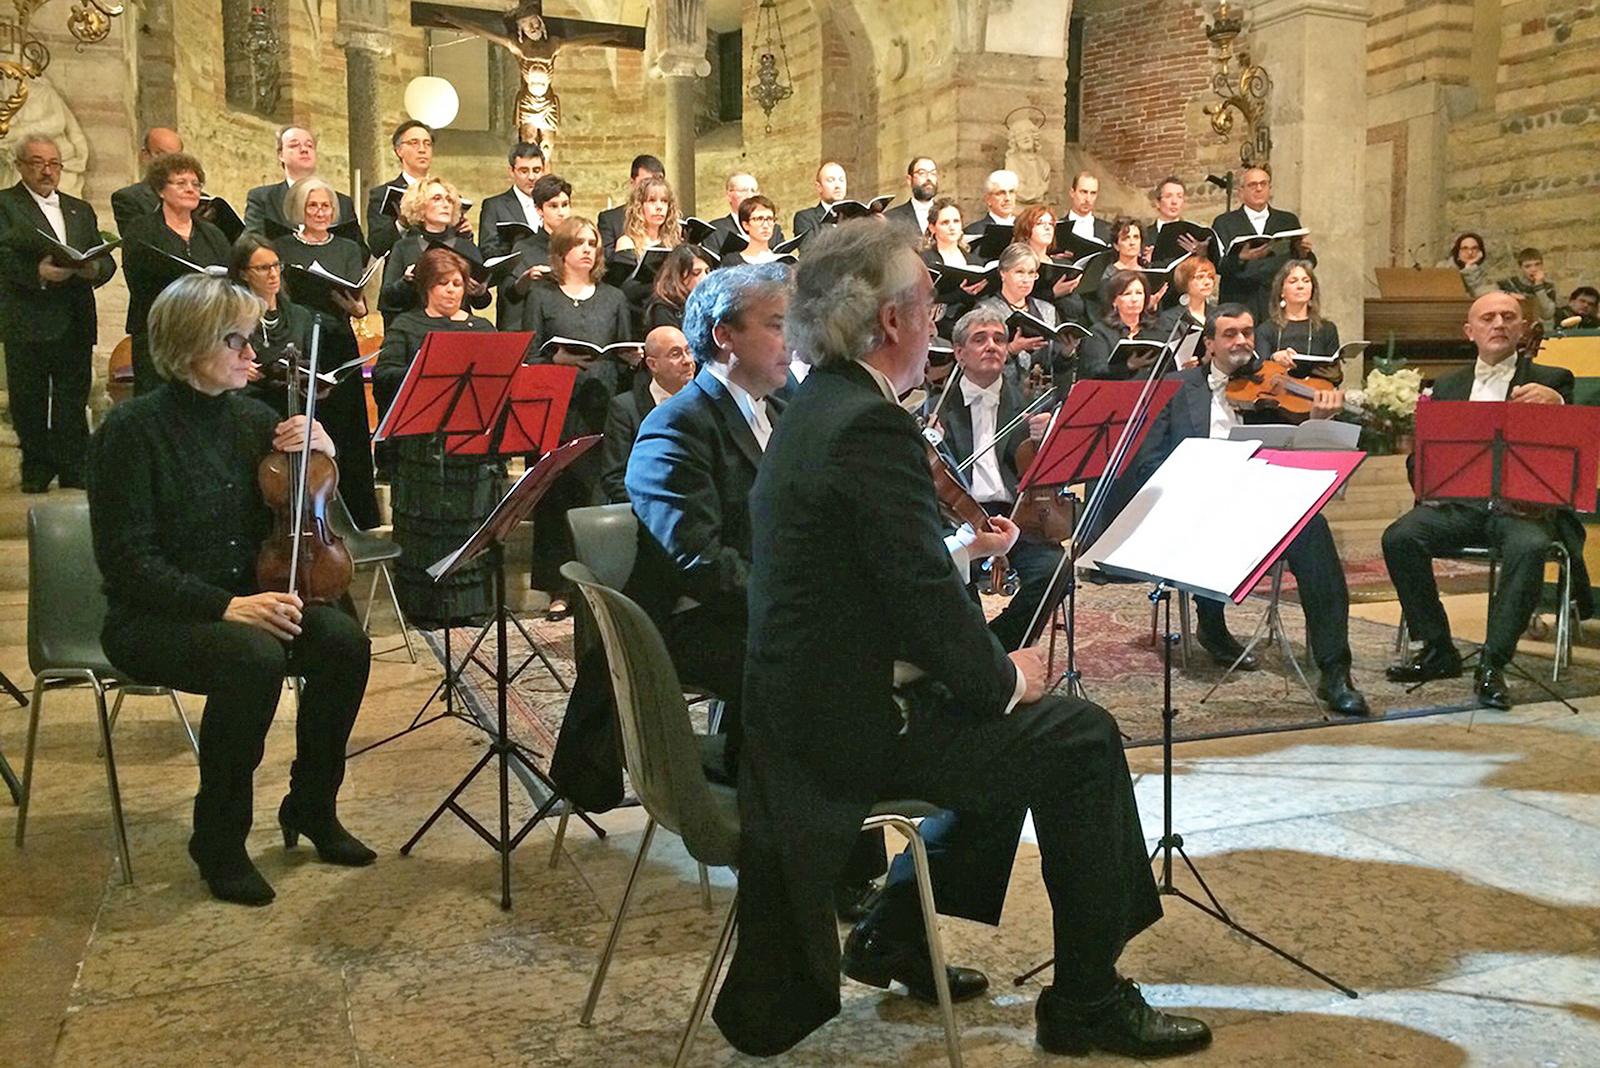 23.12.2014 - Concerto di Natale (chiesa di San Fermo Inferiore, Verona)